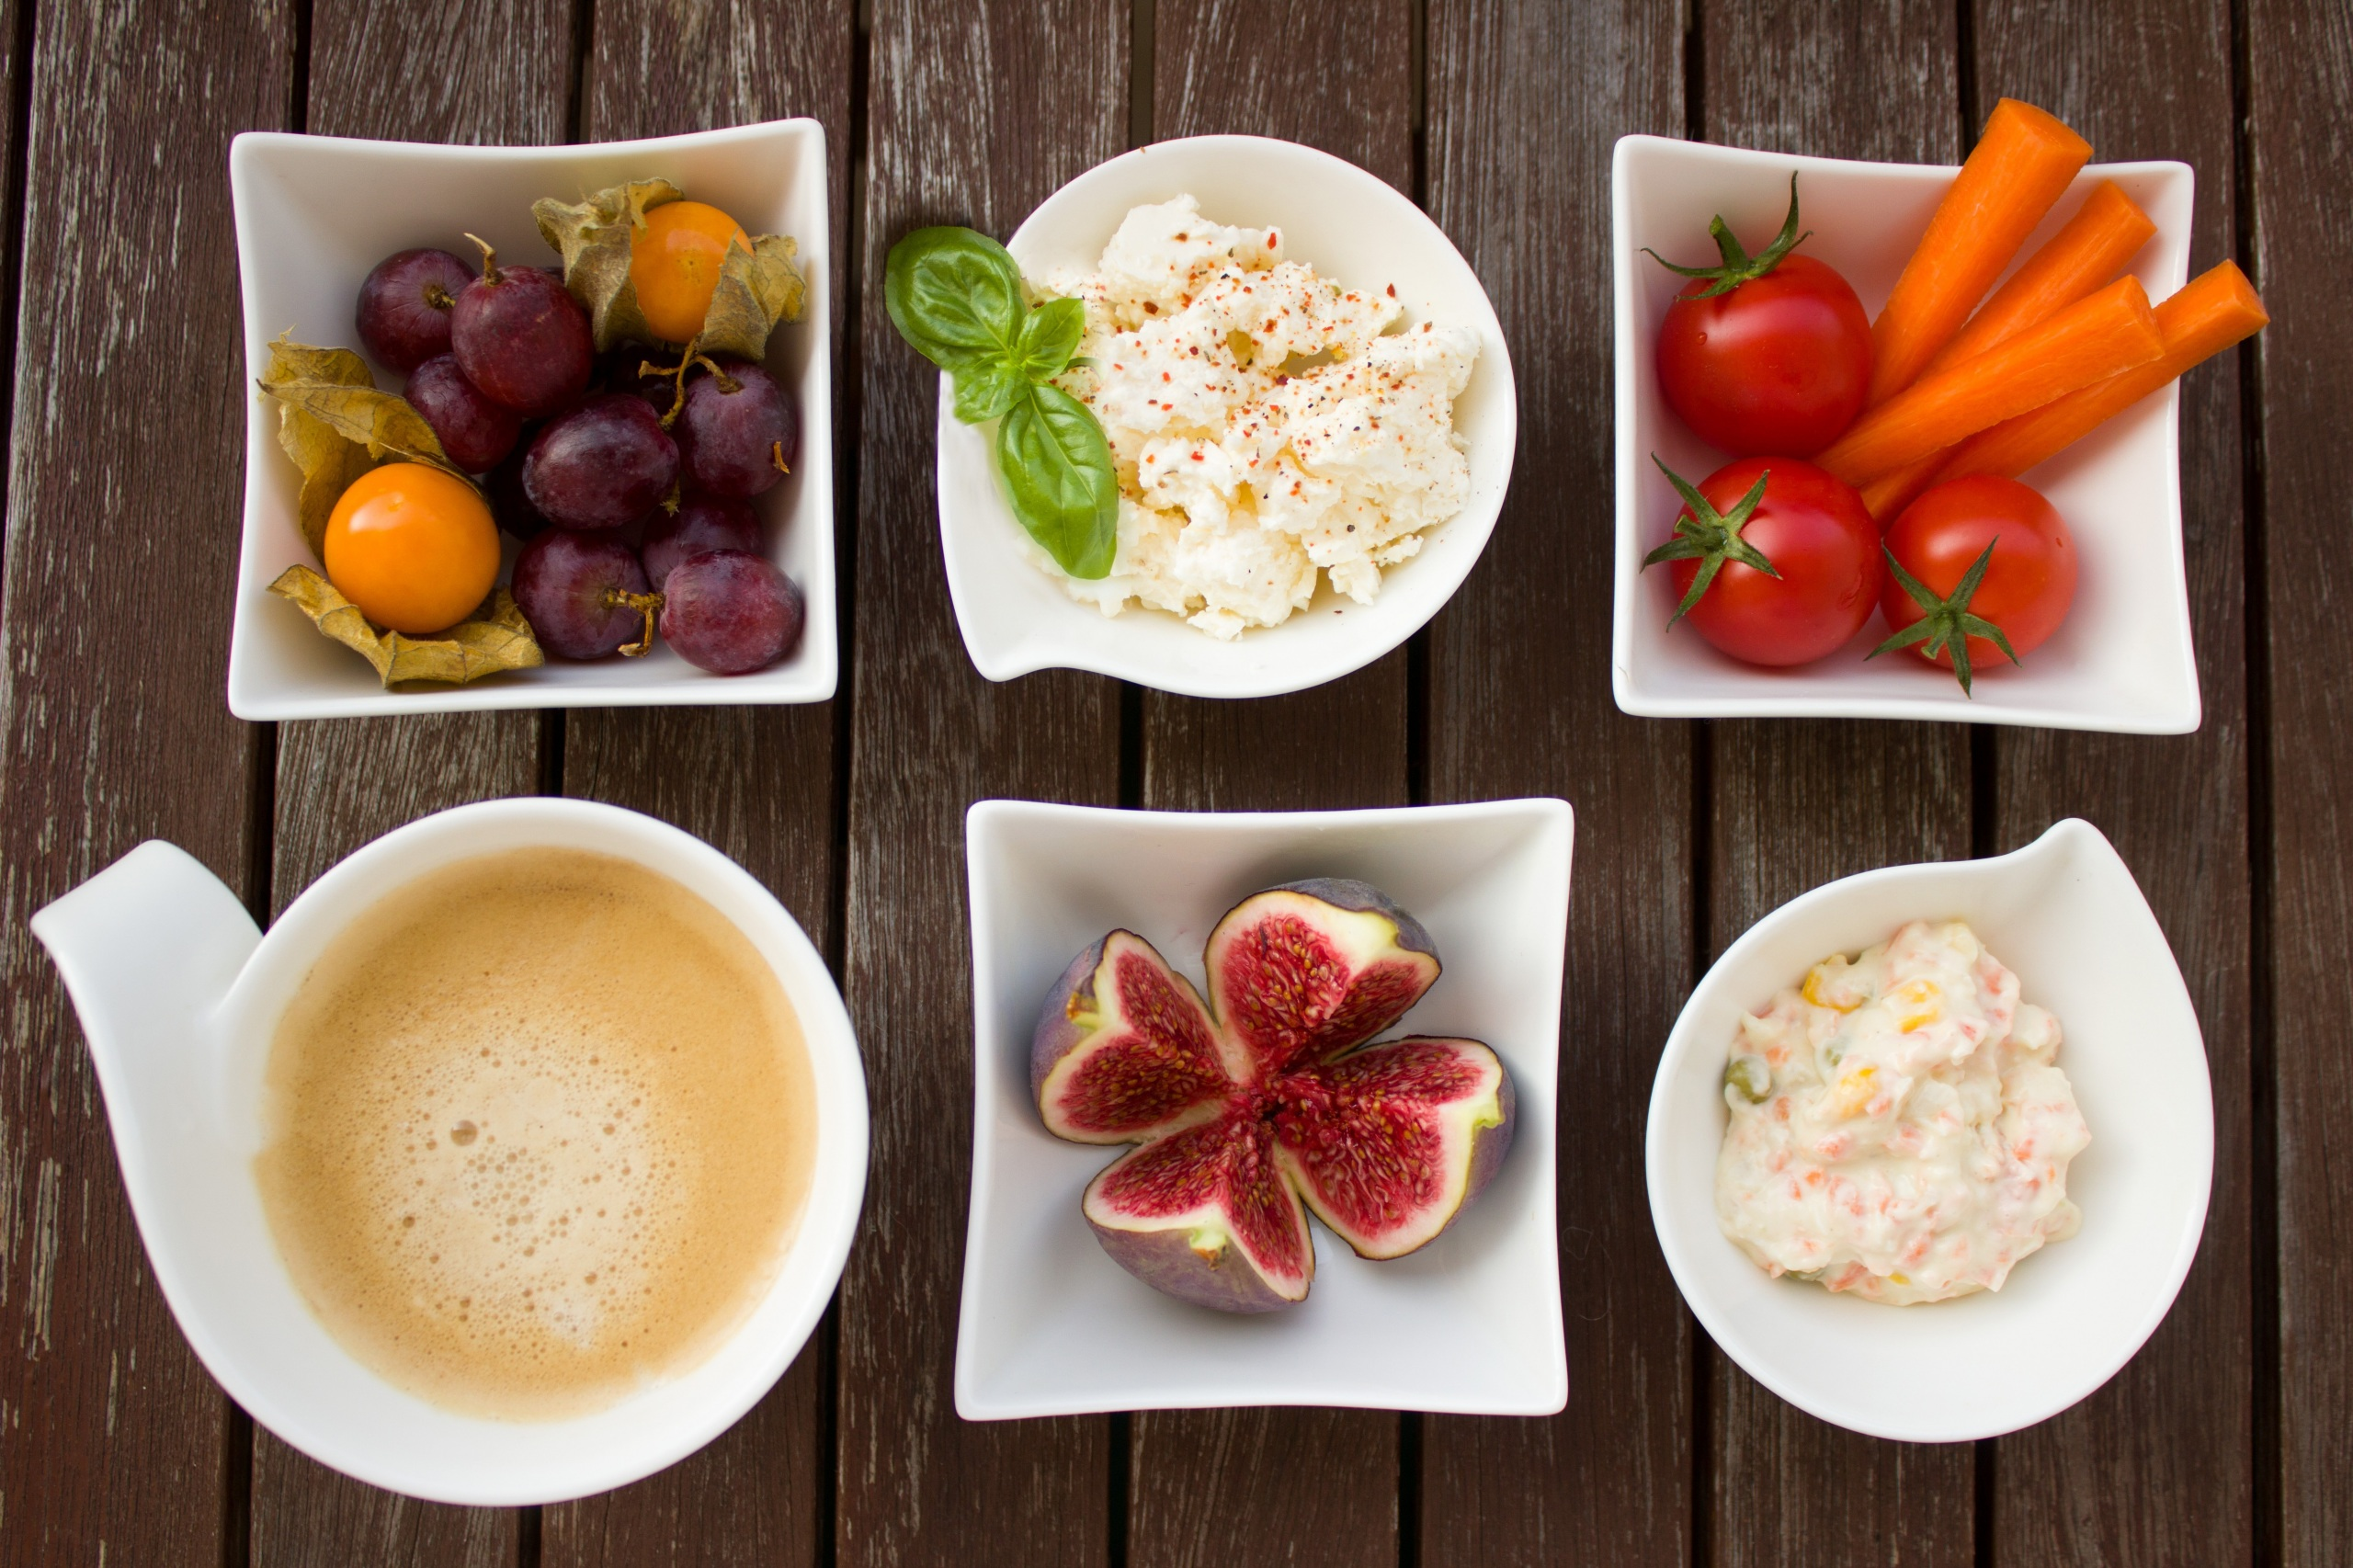 полезный завтрак для похудения из простых продуктов